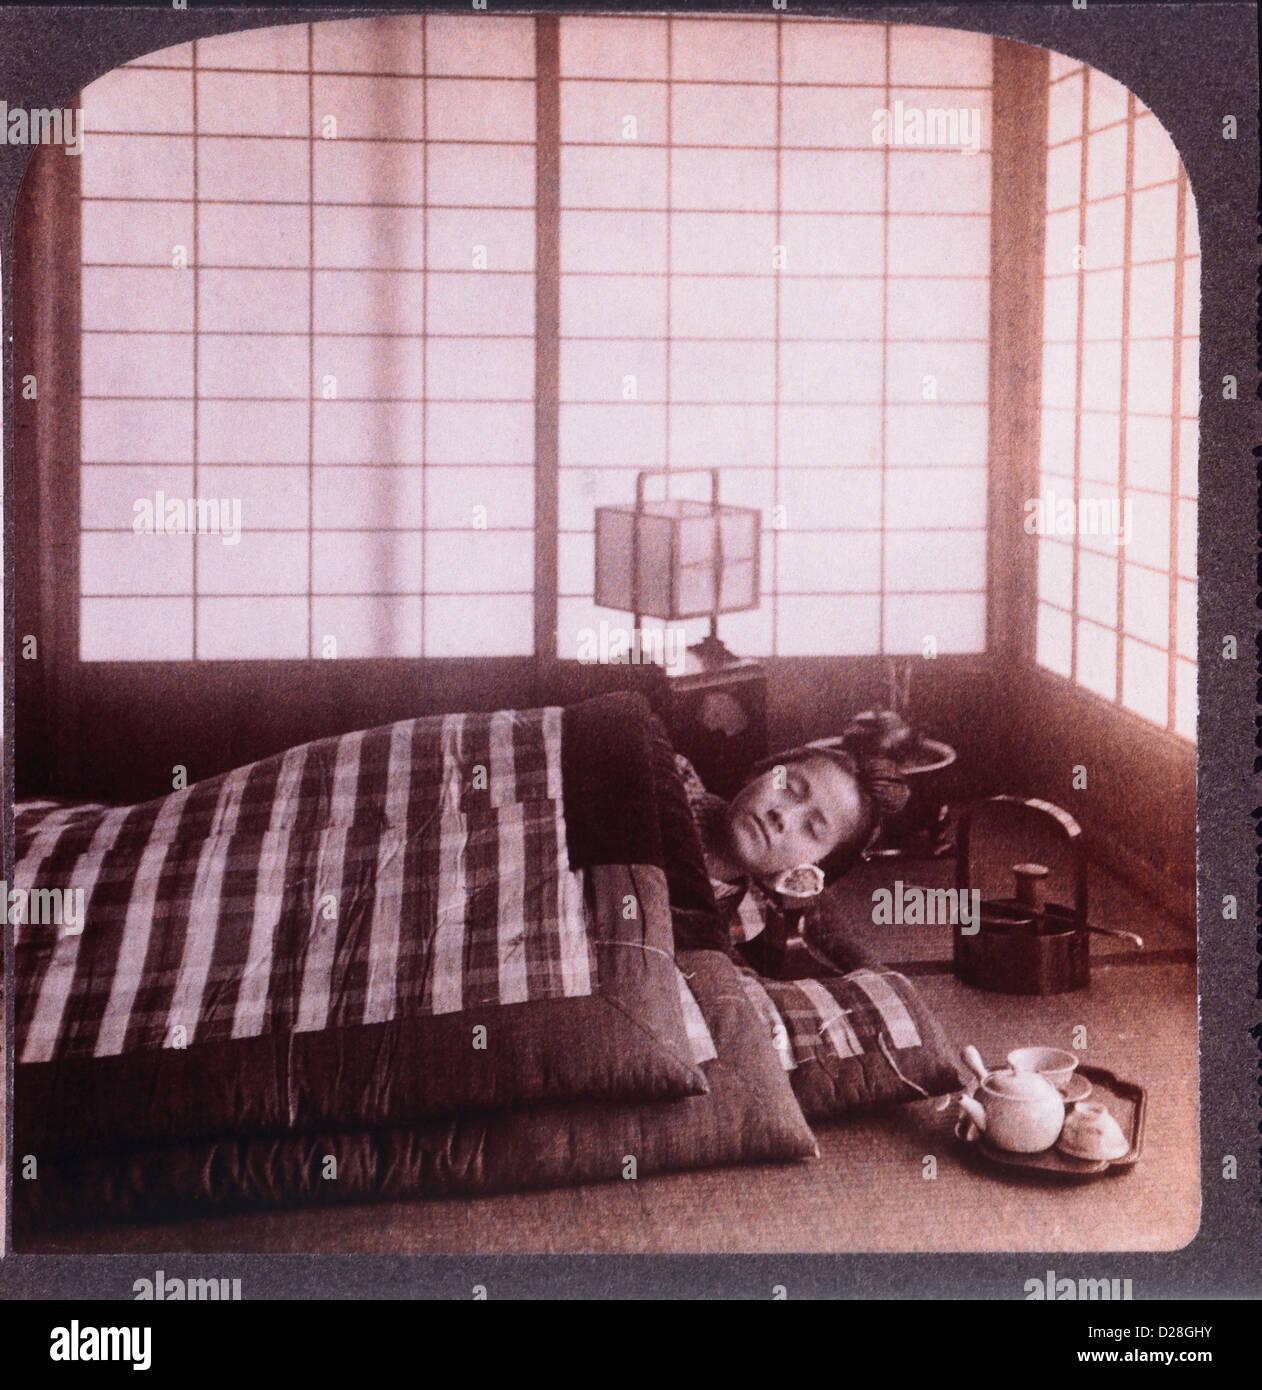 Jovem Mulher dormindo entre Futons estéreo, fotografia, 1904 Imagens de Stock